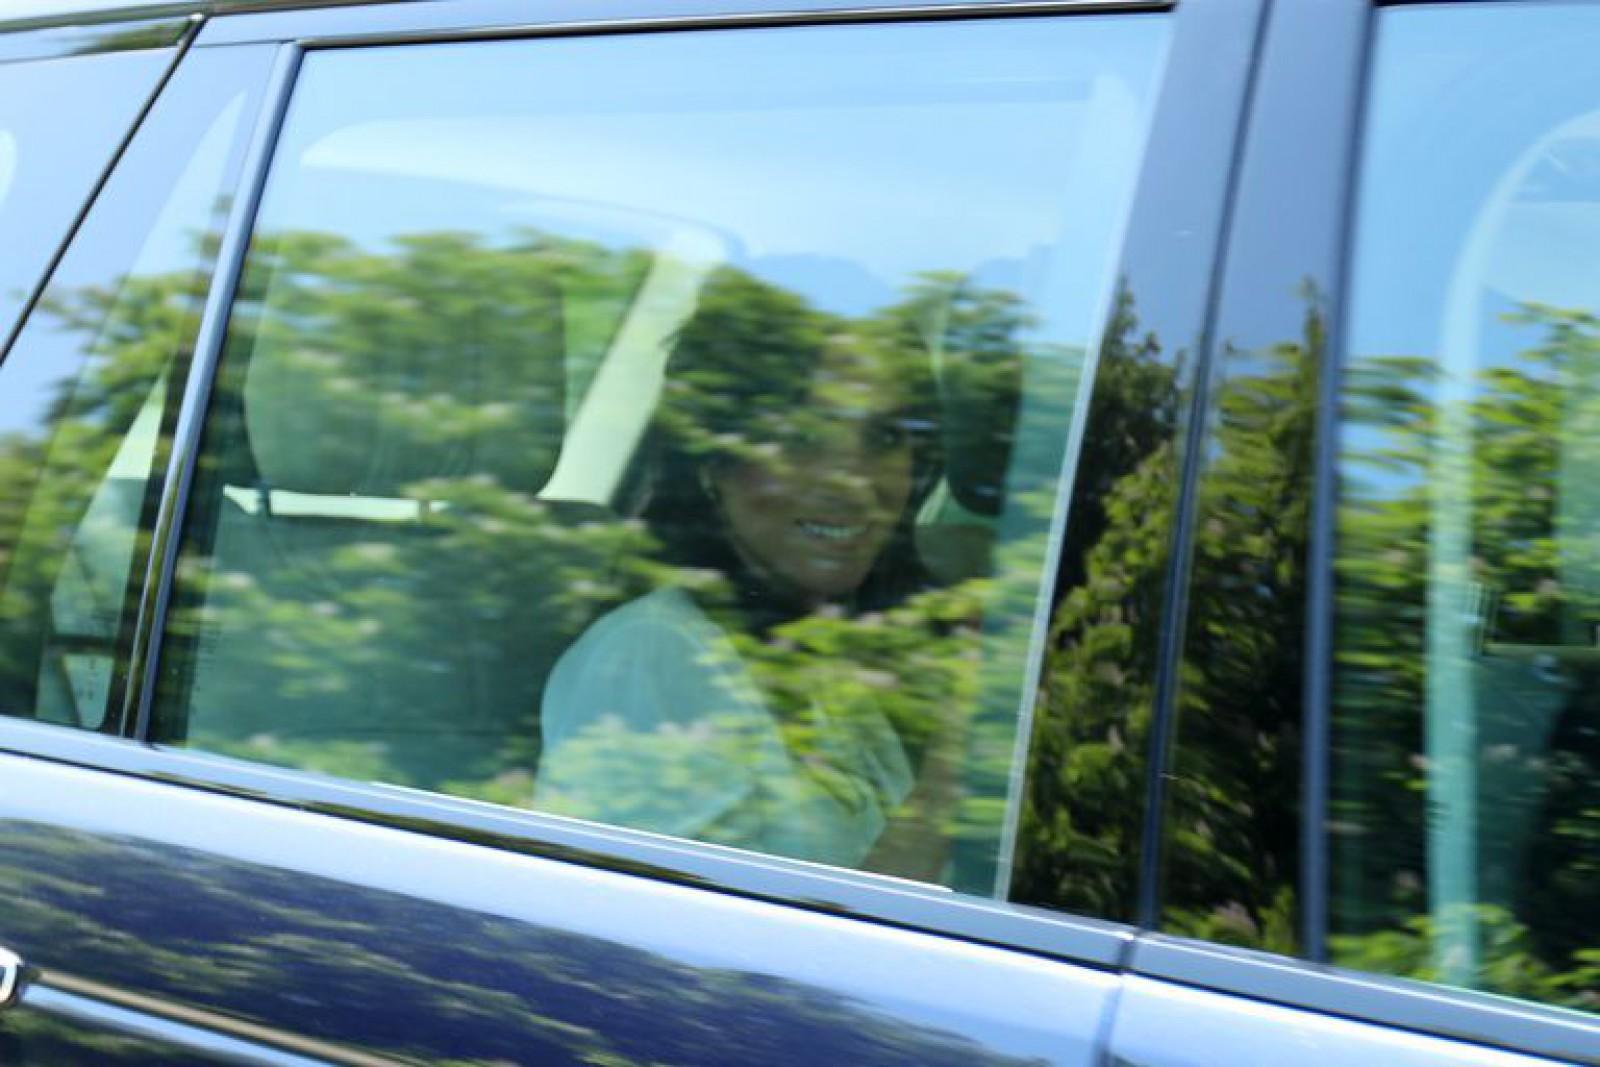 (foto) Pregătirile sunt în toi: Prințul Harry și Meghan Markle au ajuns la Castelul Windsor, unde va avea loc nunta regală